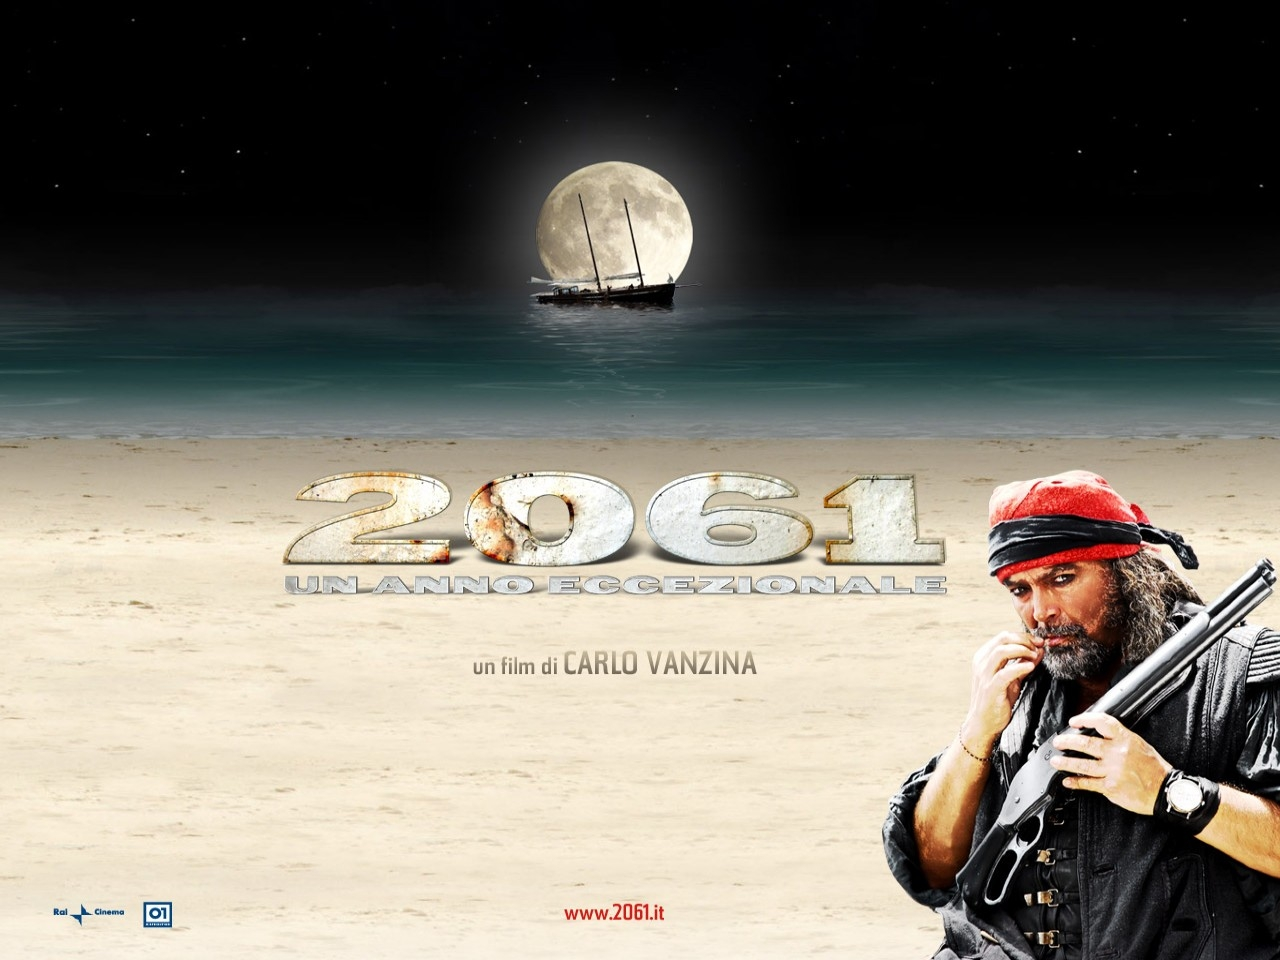 Wallpaper del film 2061 - Un anno eccezionale